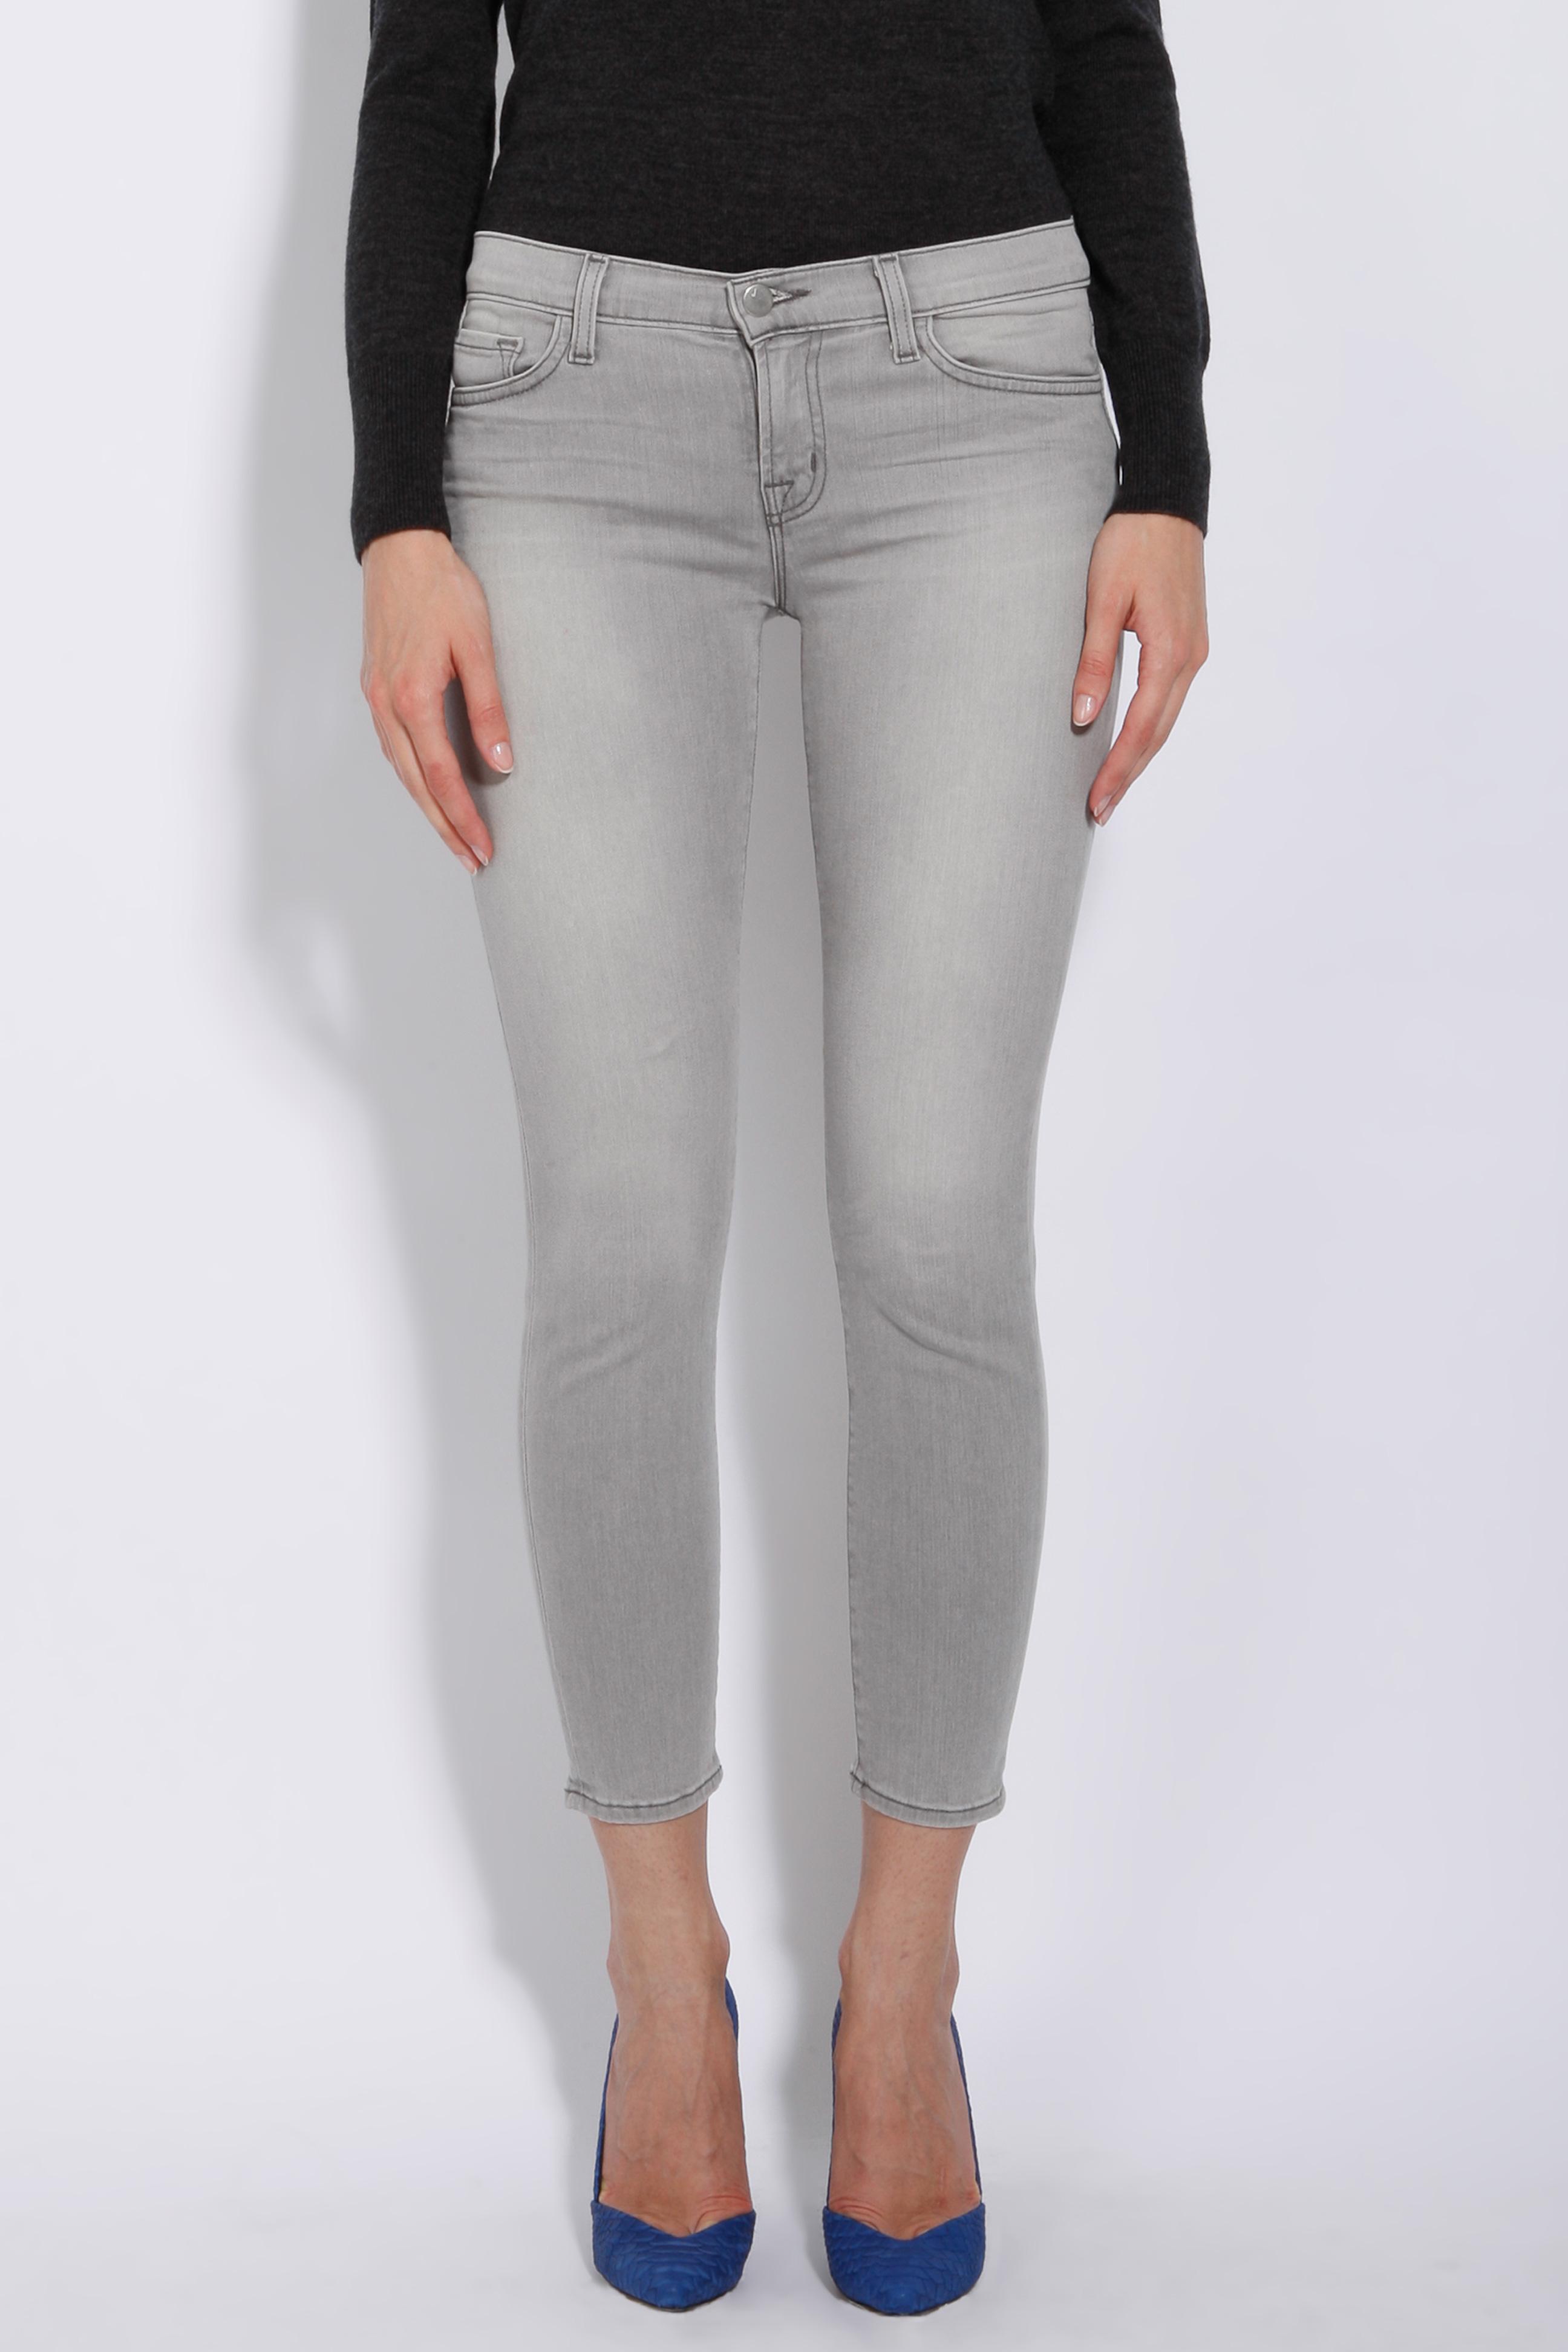 J brand Capri Skinny Jeans in Gray | Lyst